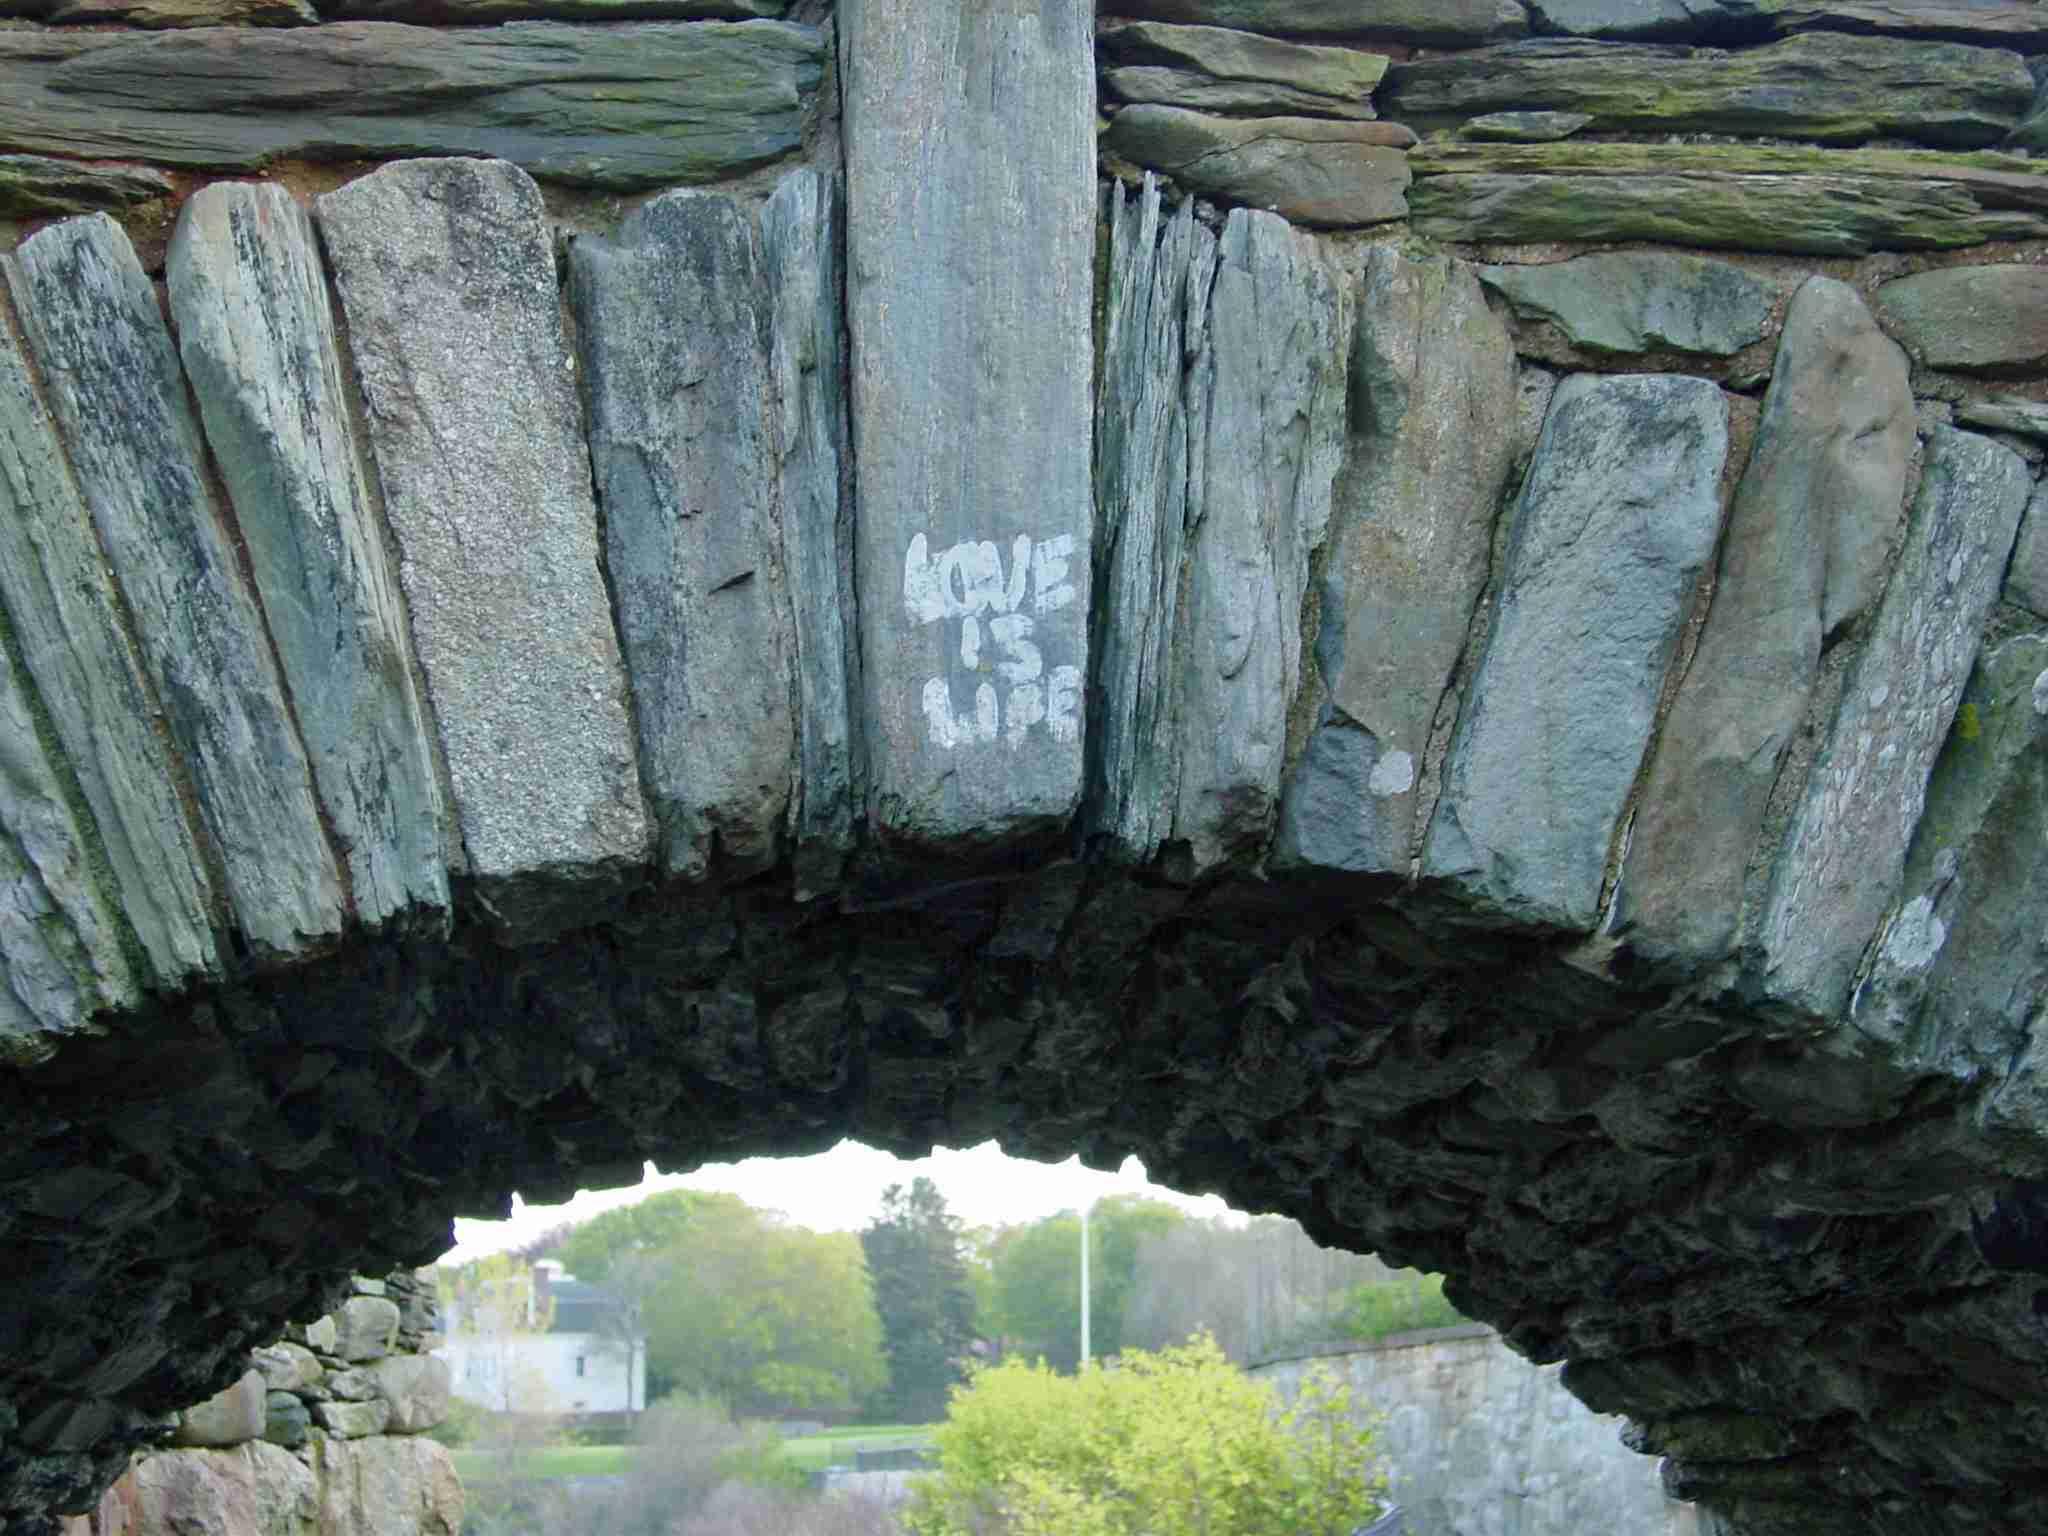 Newport Cliff Walk Graffiti